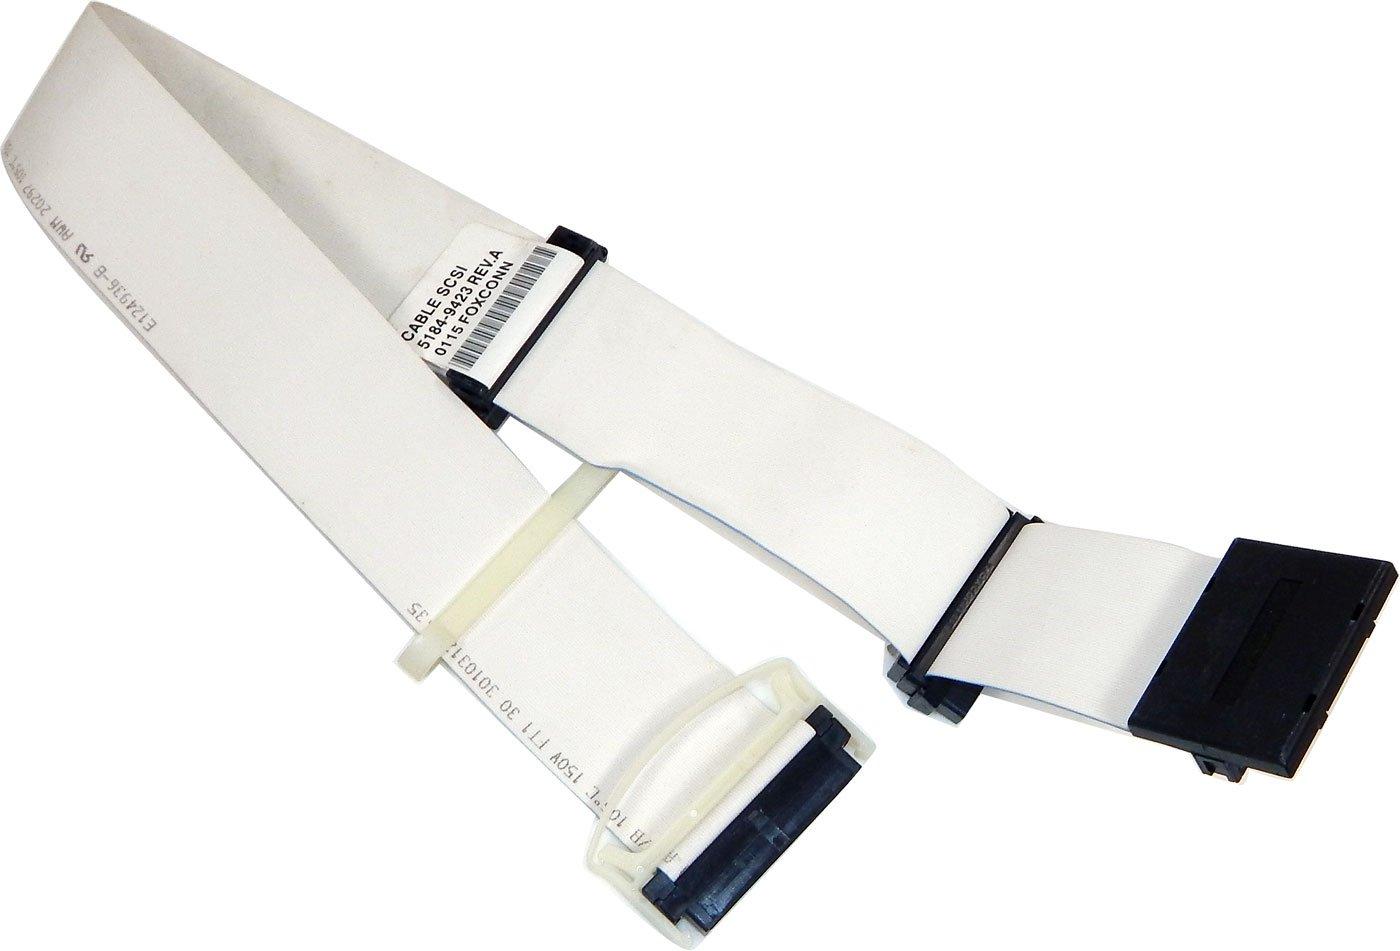 Lot-99 2-Ft 3-Conn 68-Pin SCSI Cable 5184-9423-L99 Internal Cbl w/ Terminator